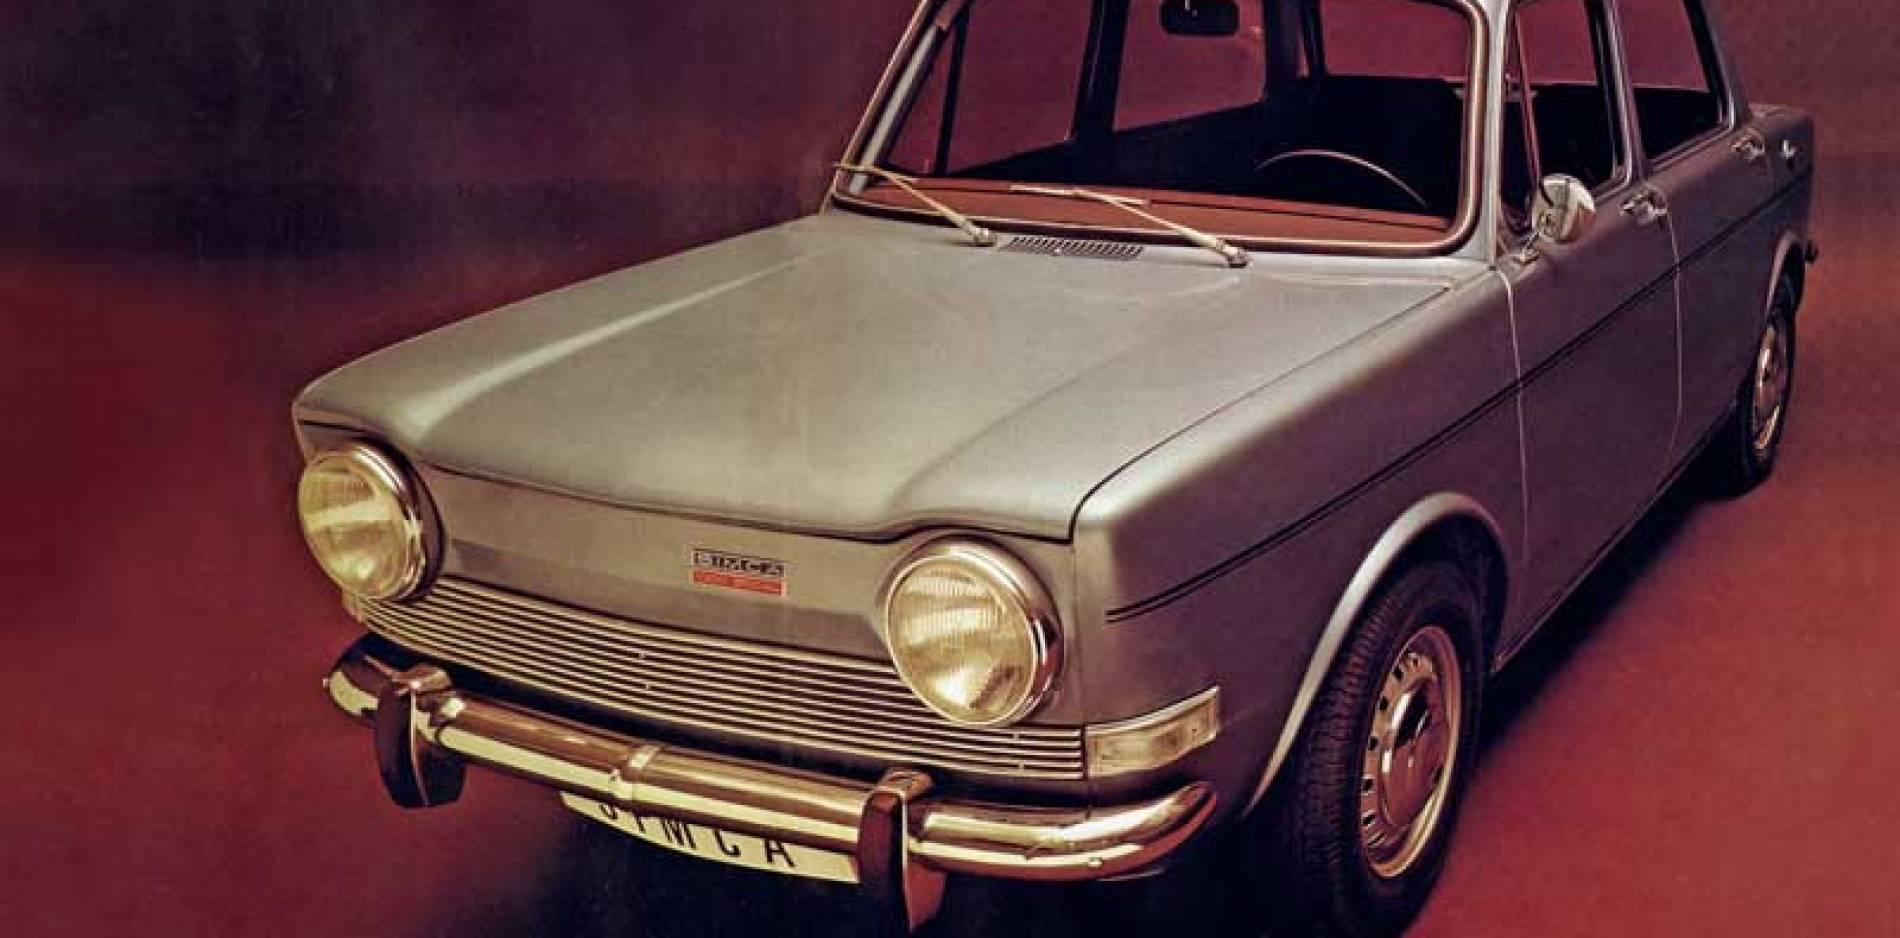 Simca 1000: historia, curiosidades y guía de compra